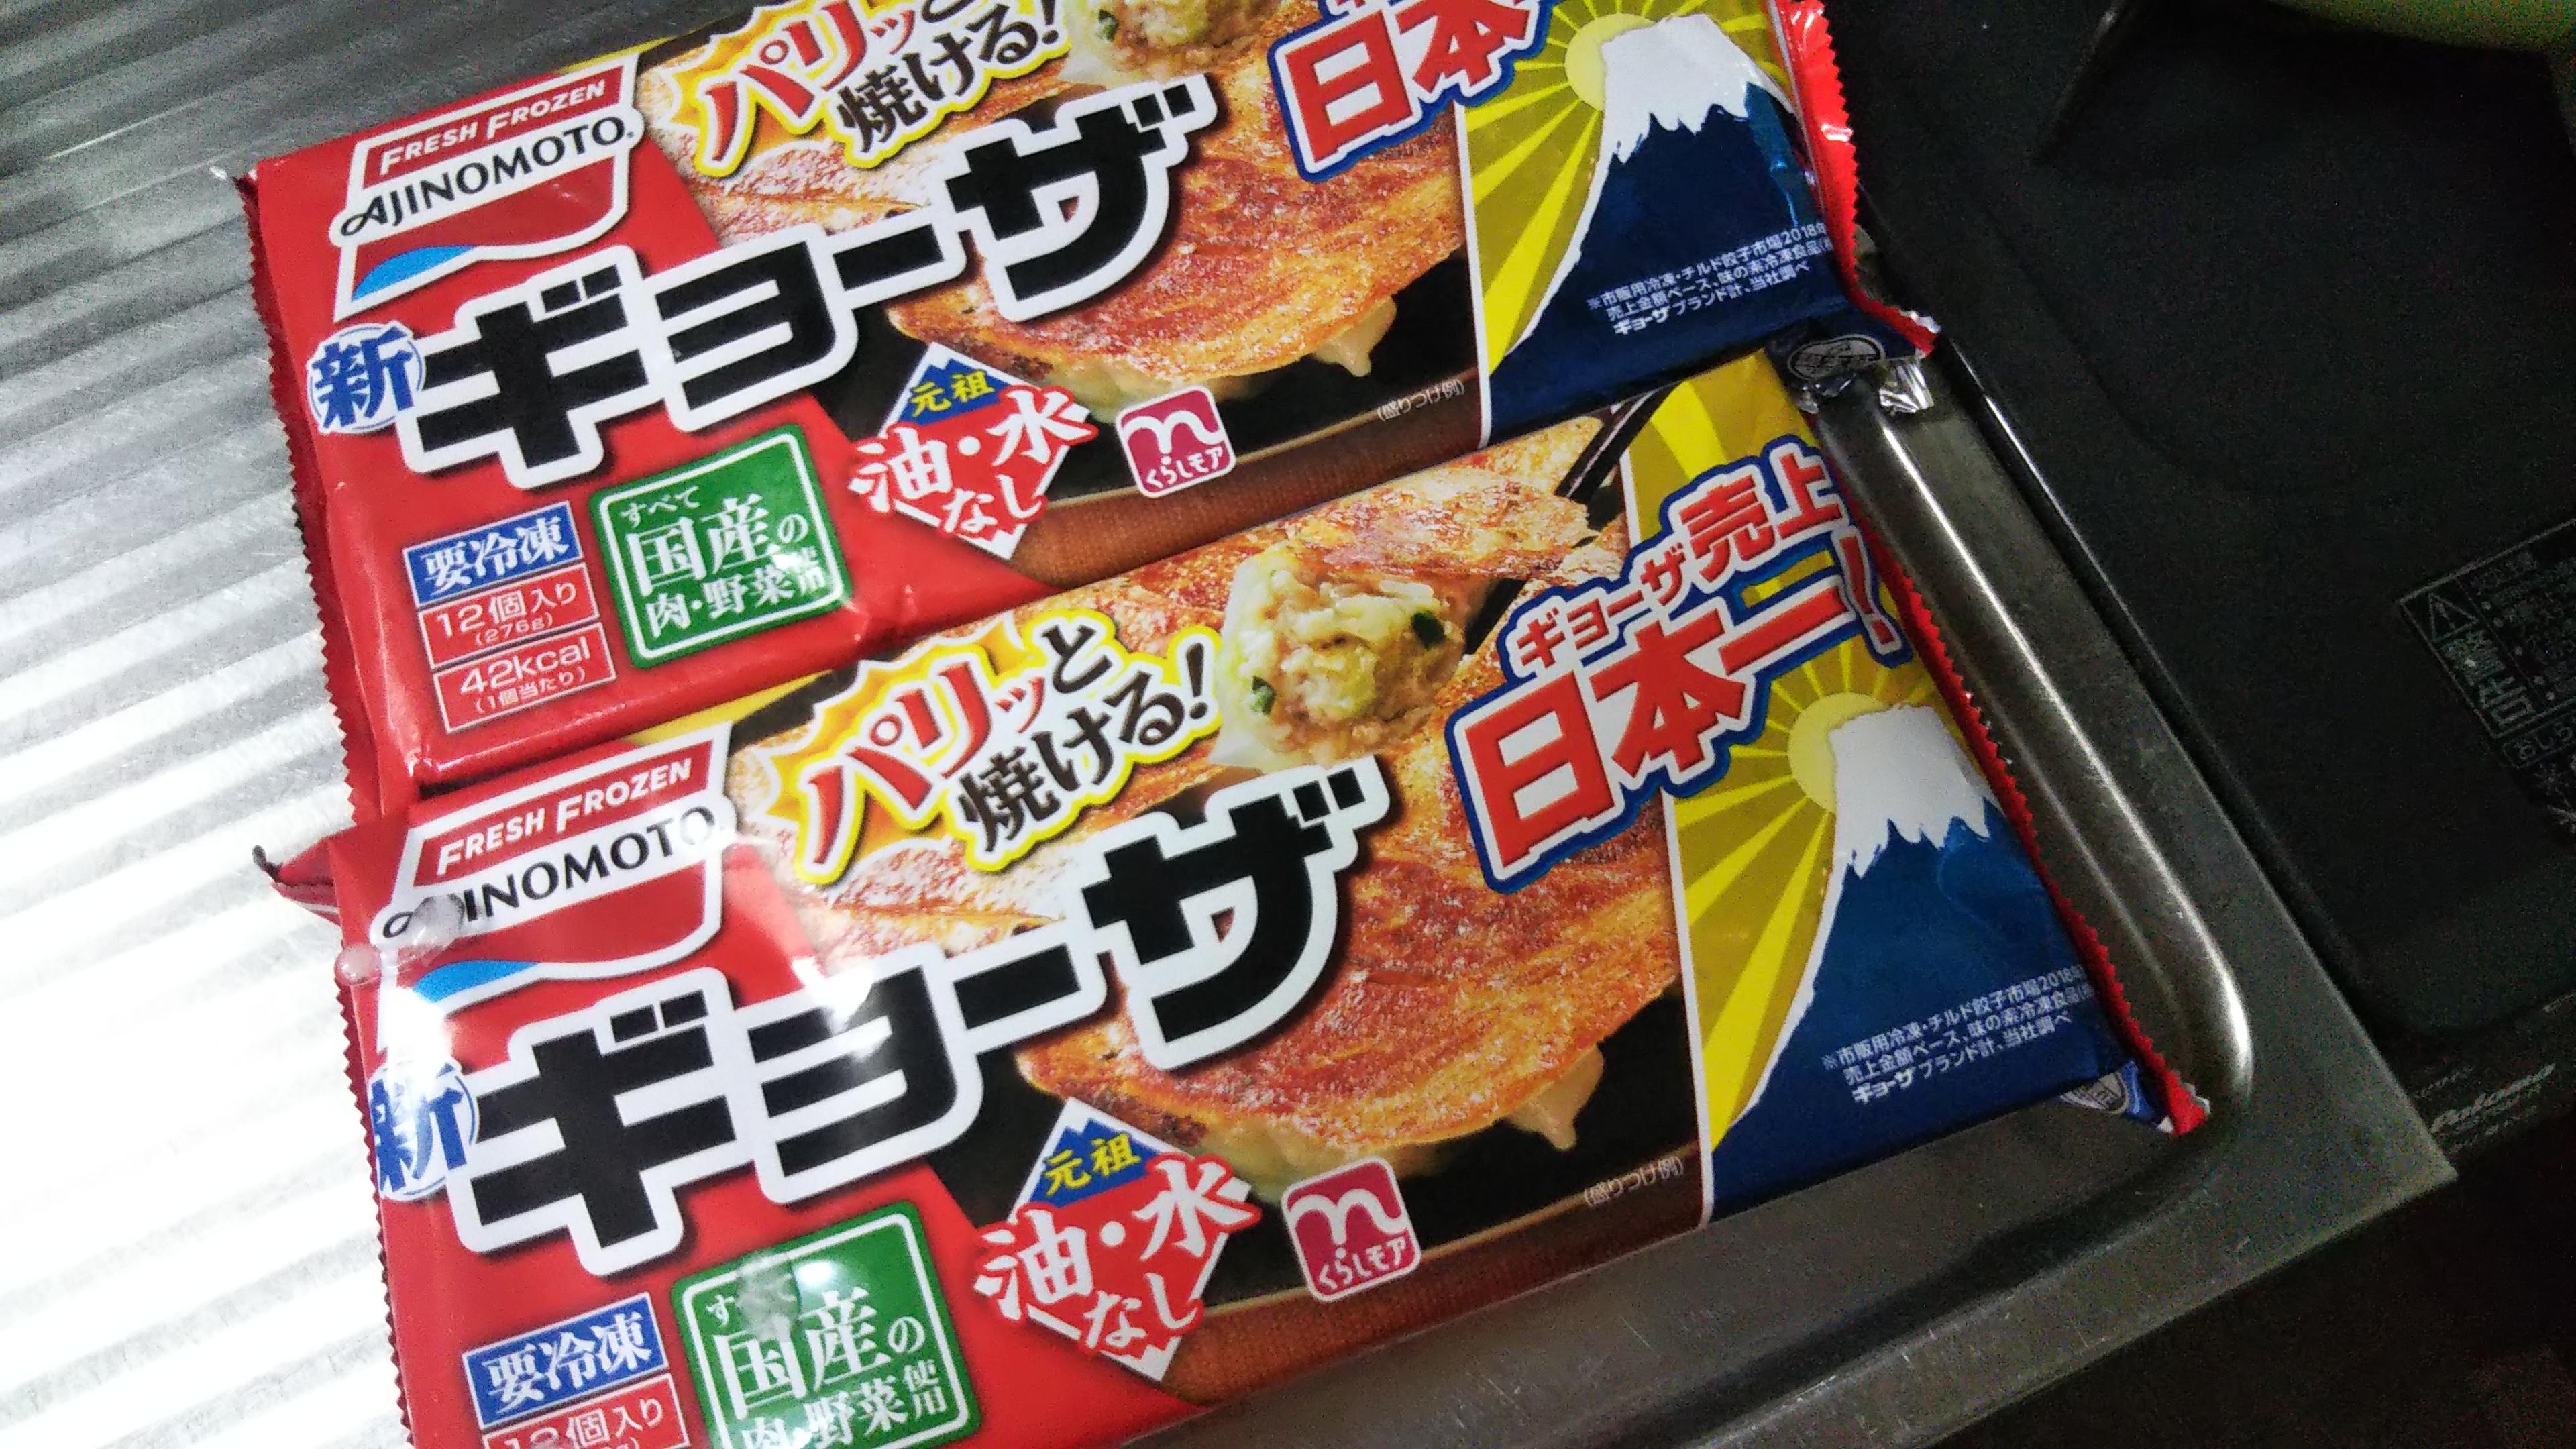 嵐の櫻井くんがCMしている味の素の餃子が一番おいしい・・・の?